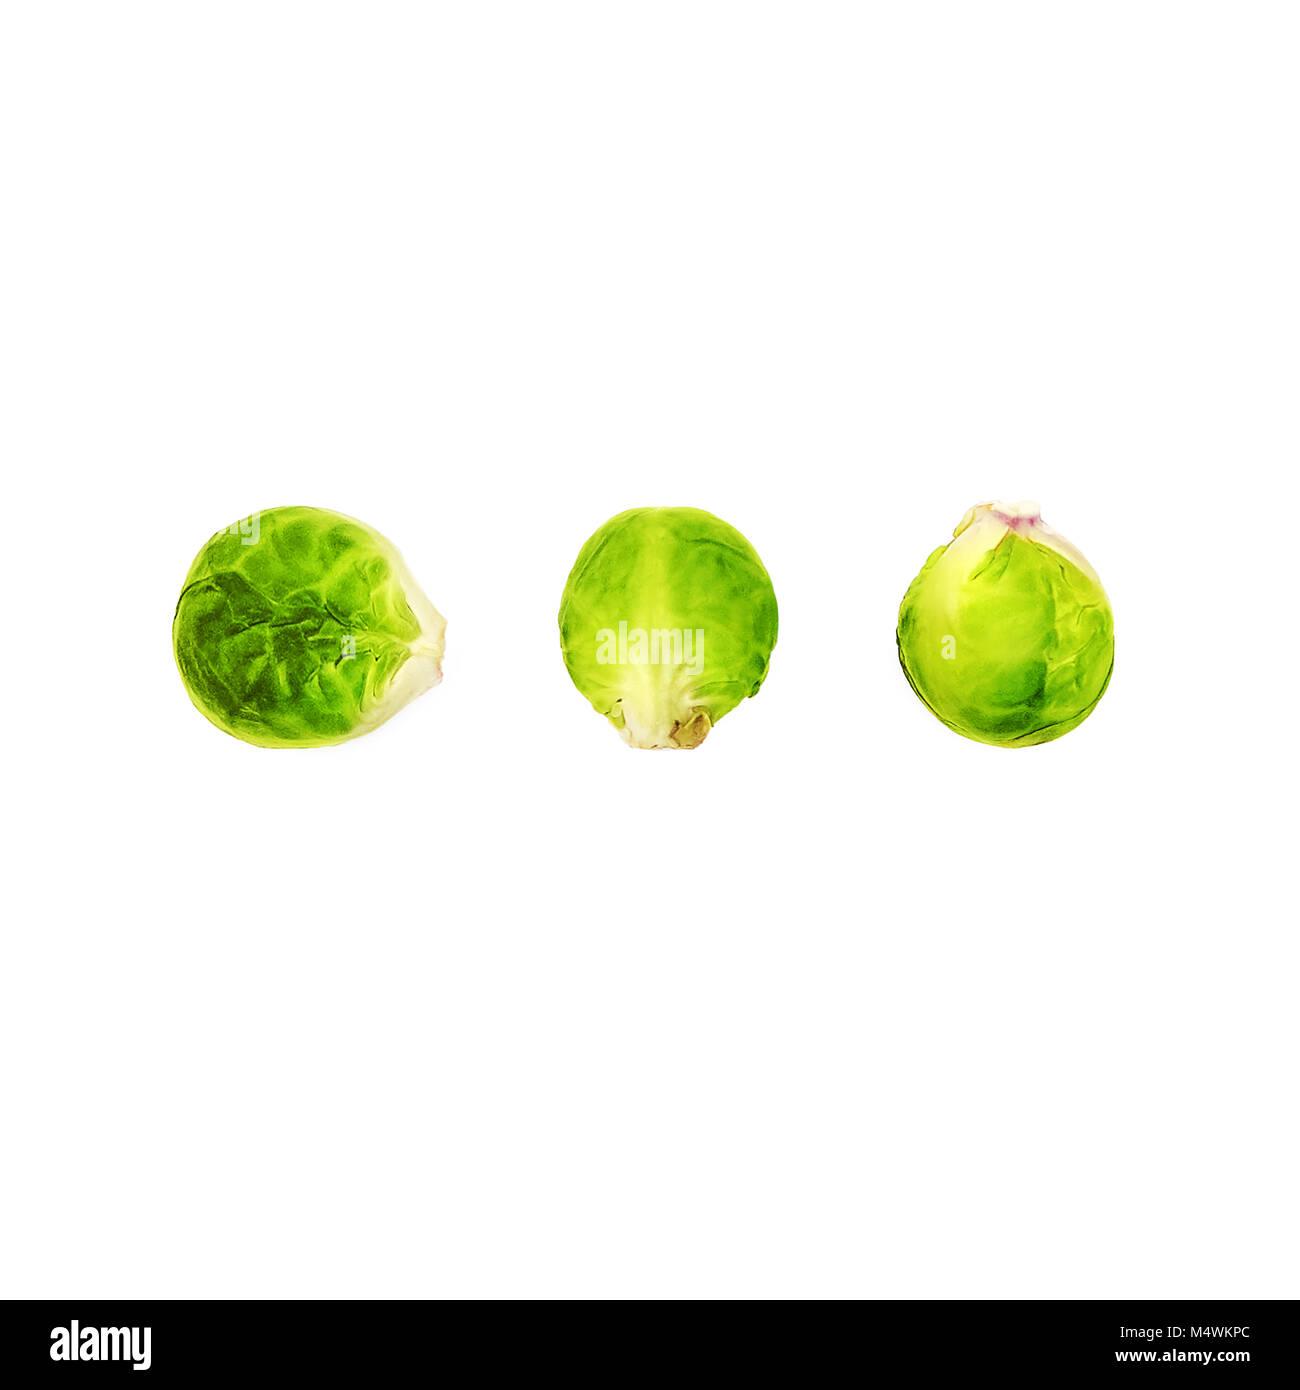 I CAVOLI DI BRUXELLES vista superiore tre frutti di cavolini di Bruxelles sono giacenti in una fila su un fondo Immagini Stock